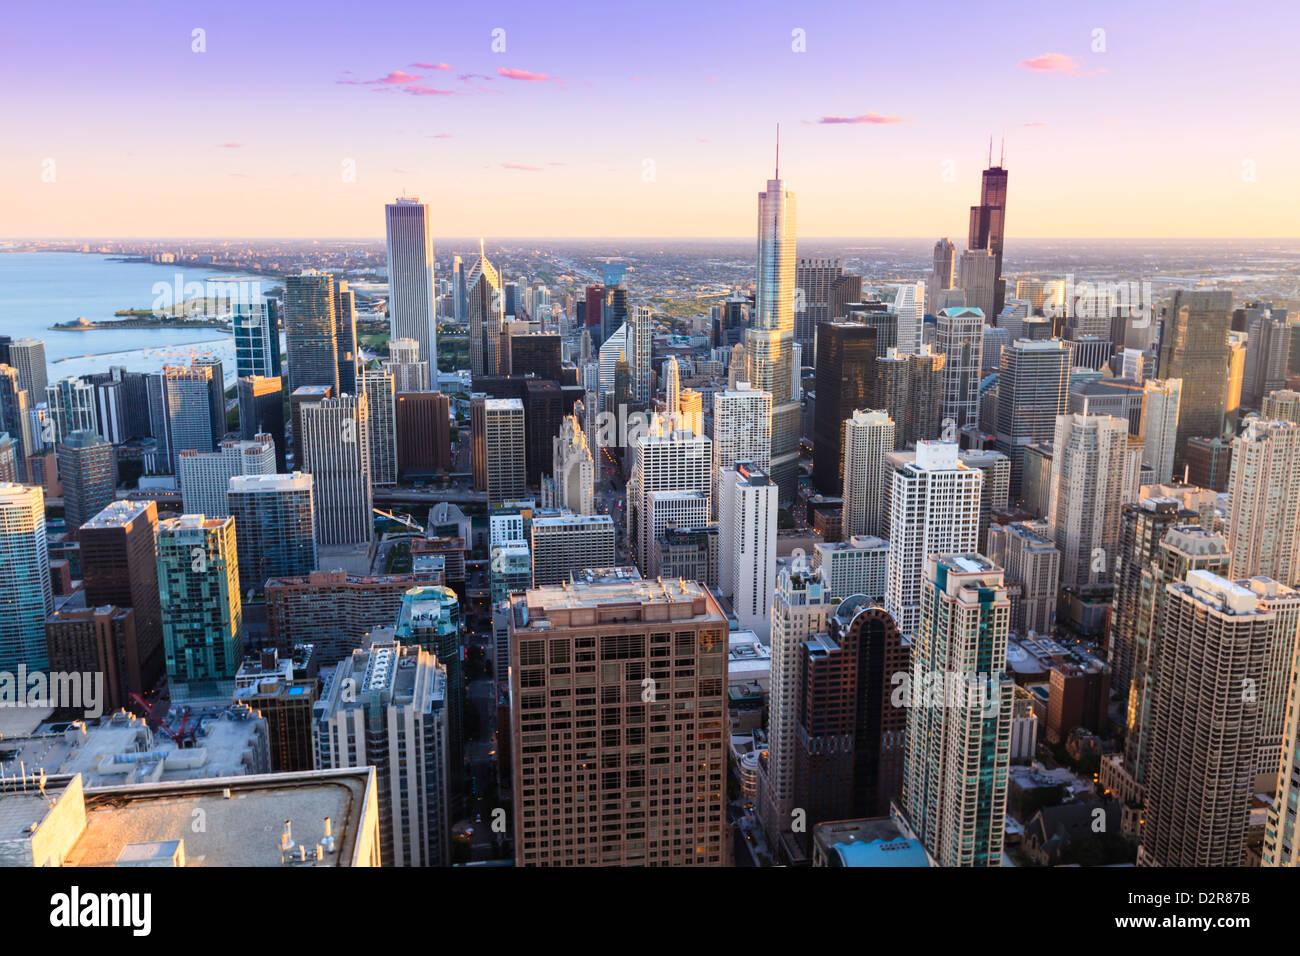 Vogelperspektive Blick auf Skyline von Chicago und Vororten, Blick nach Süden am späten Nachmittag, Chicago, Stockbild